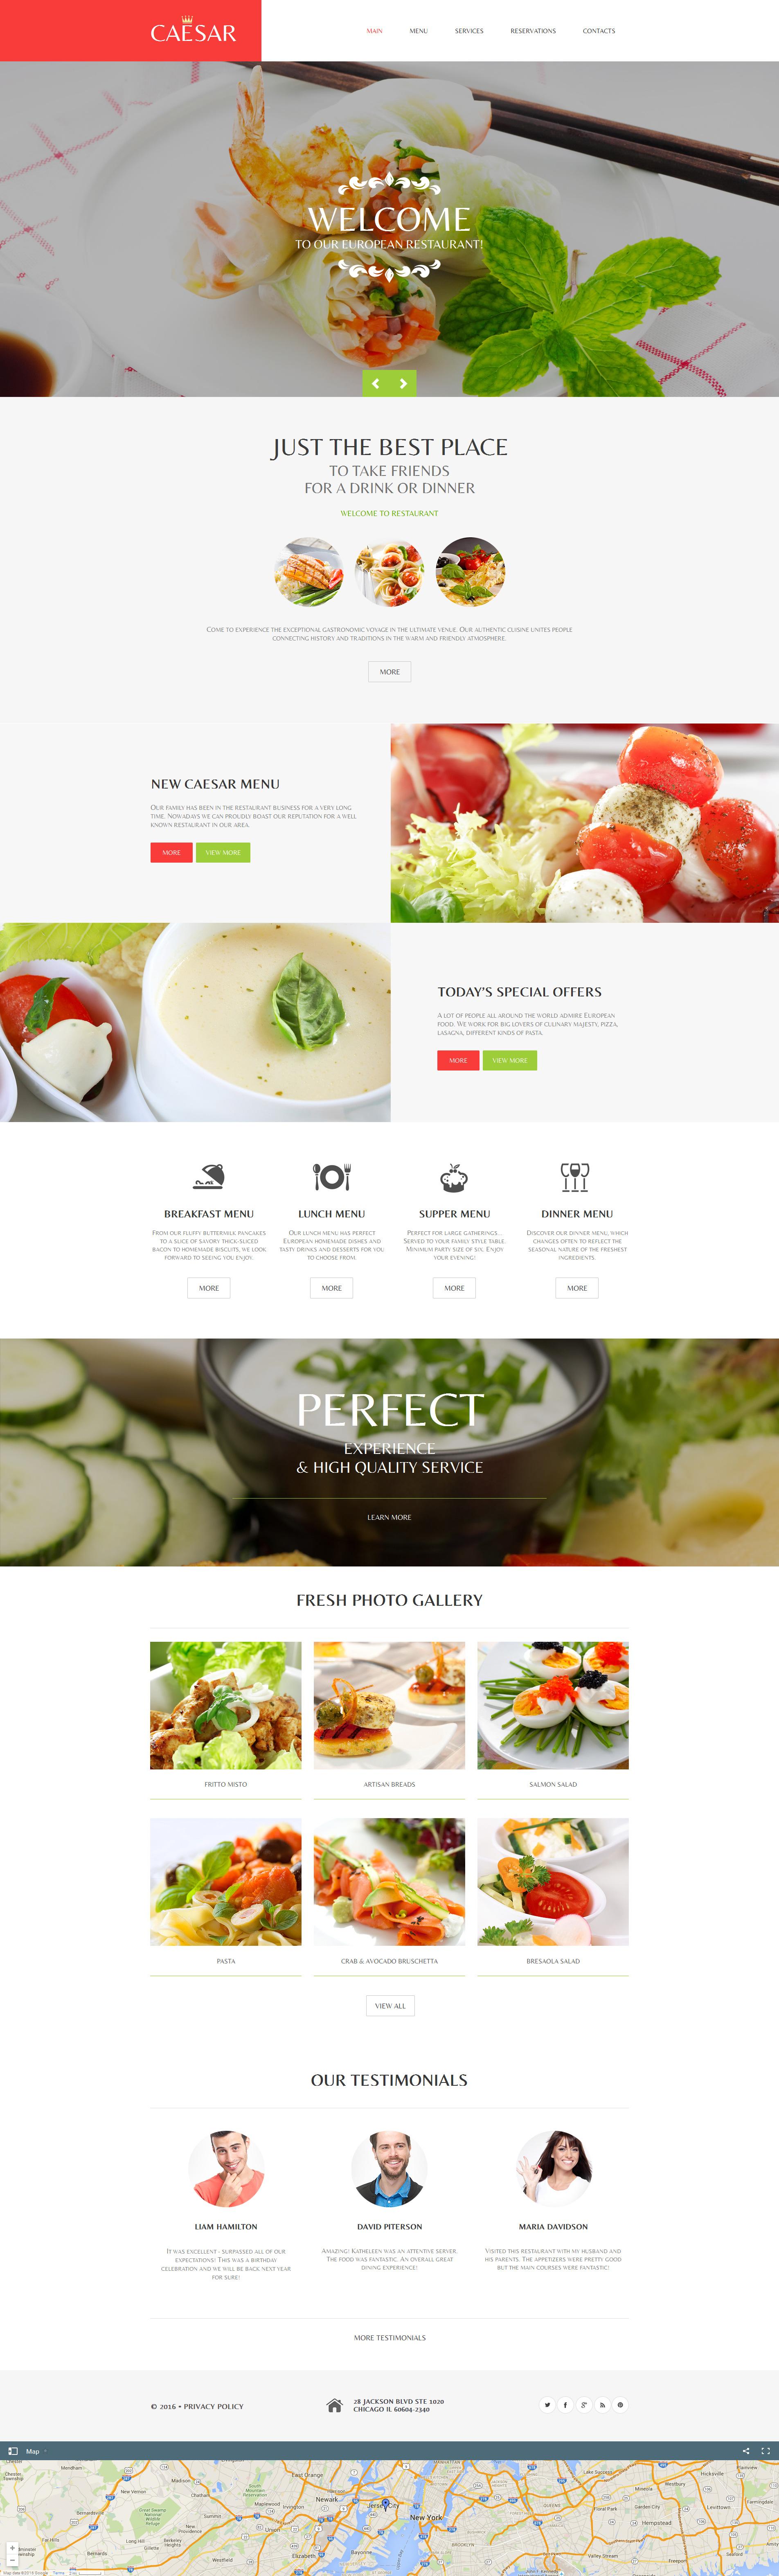 Prémium Kávézó és étterem Moto CMS HTML sablon 58751